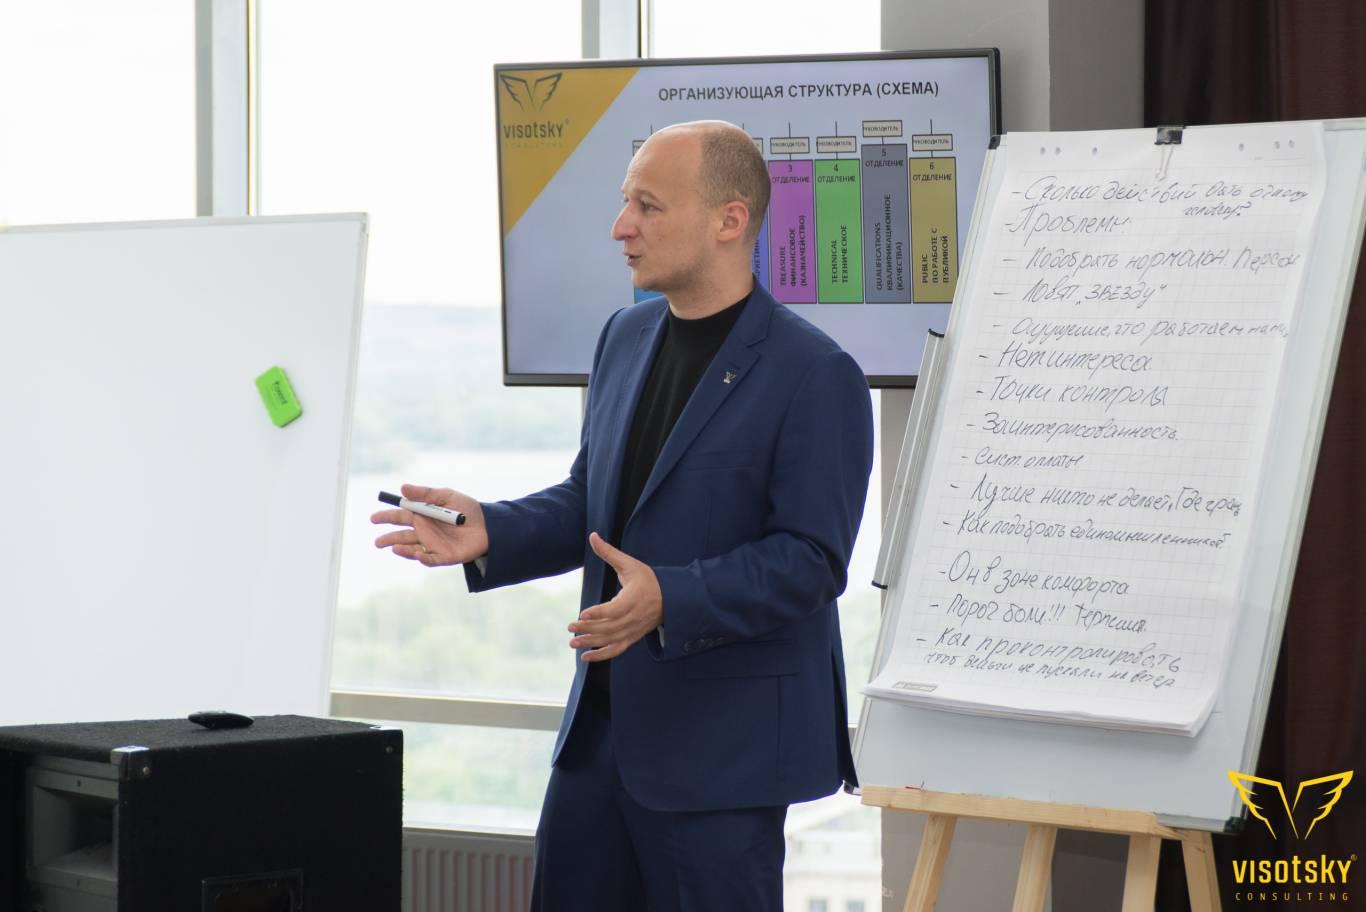 """Тренінг """"Як розробити діючу структуру компанії"""" від Visotsky Consulting"""